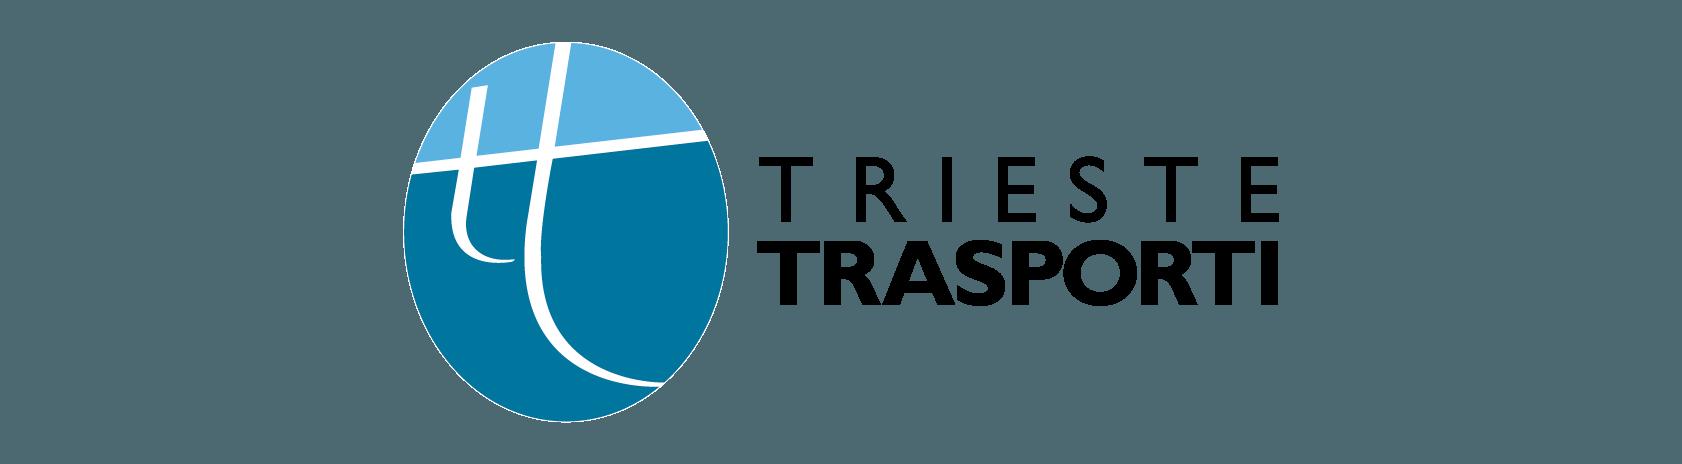 13 -trieste trasporti